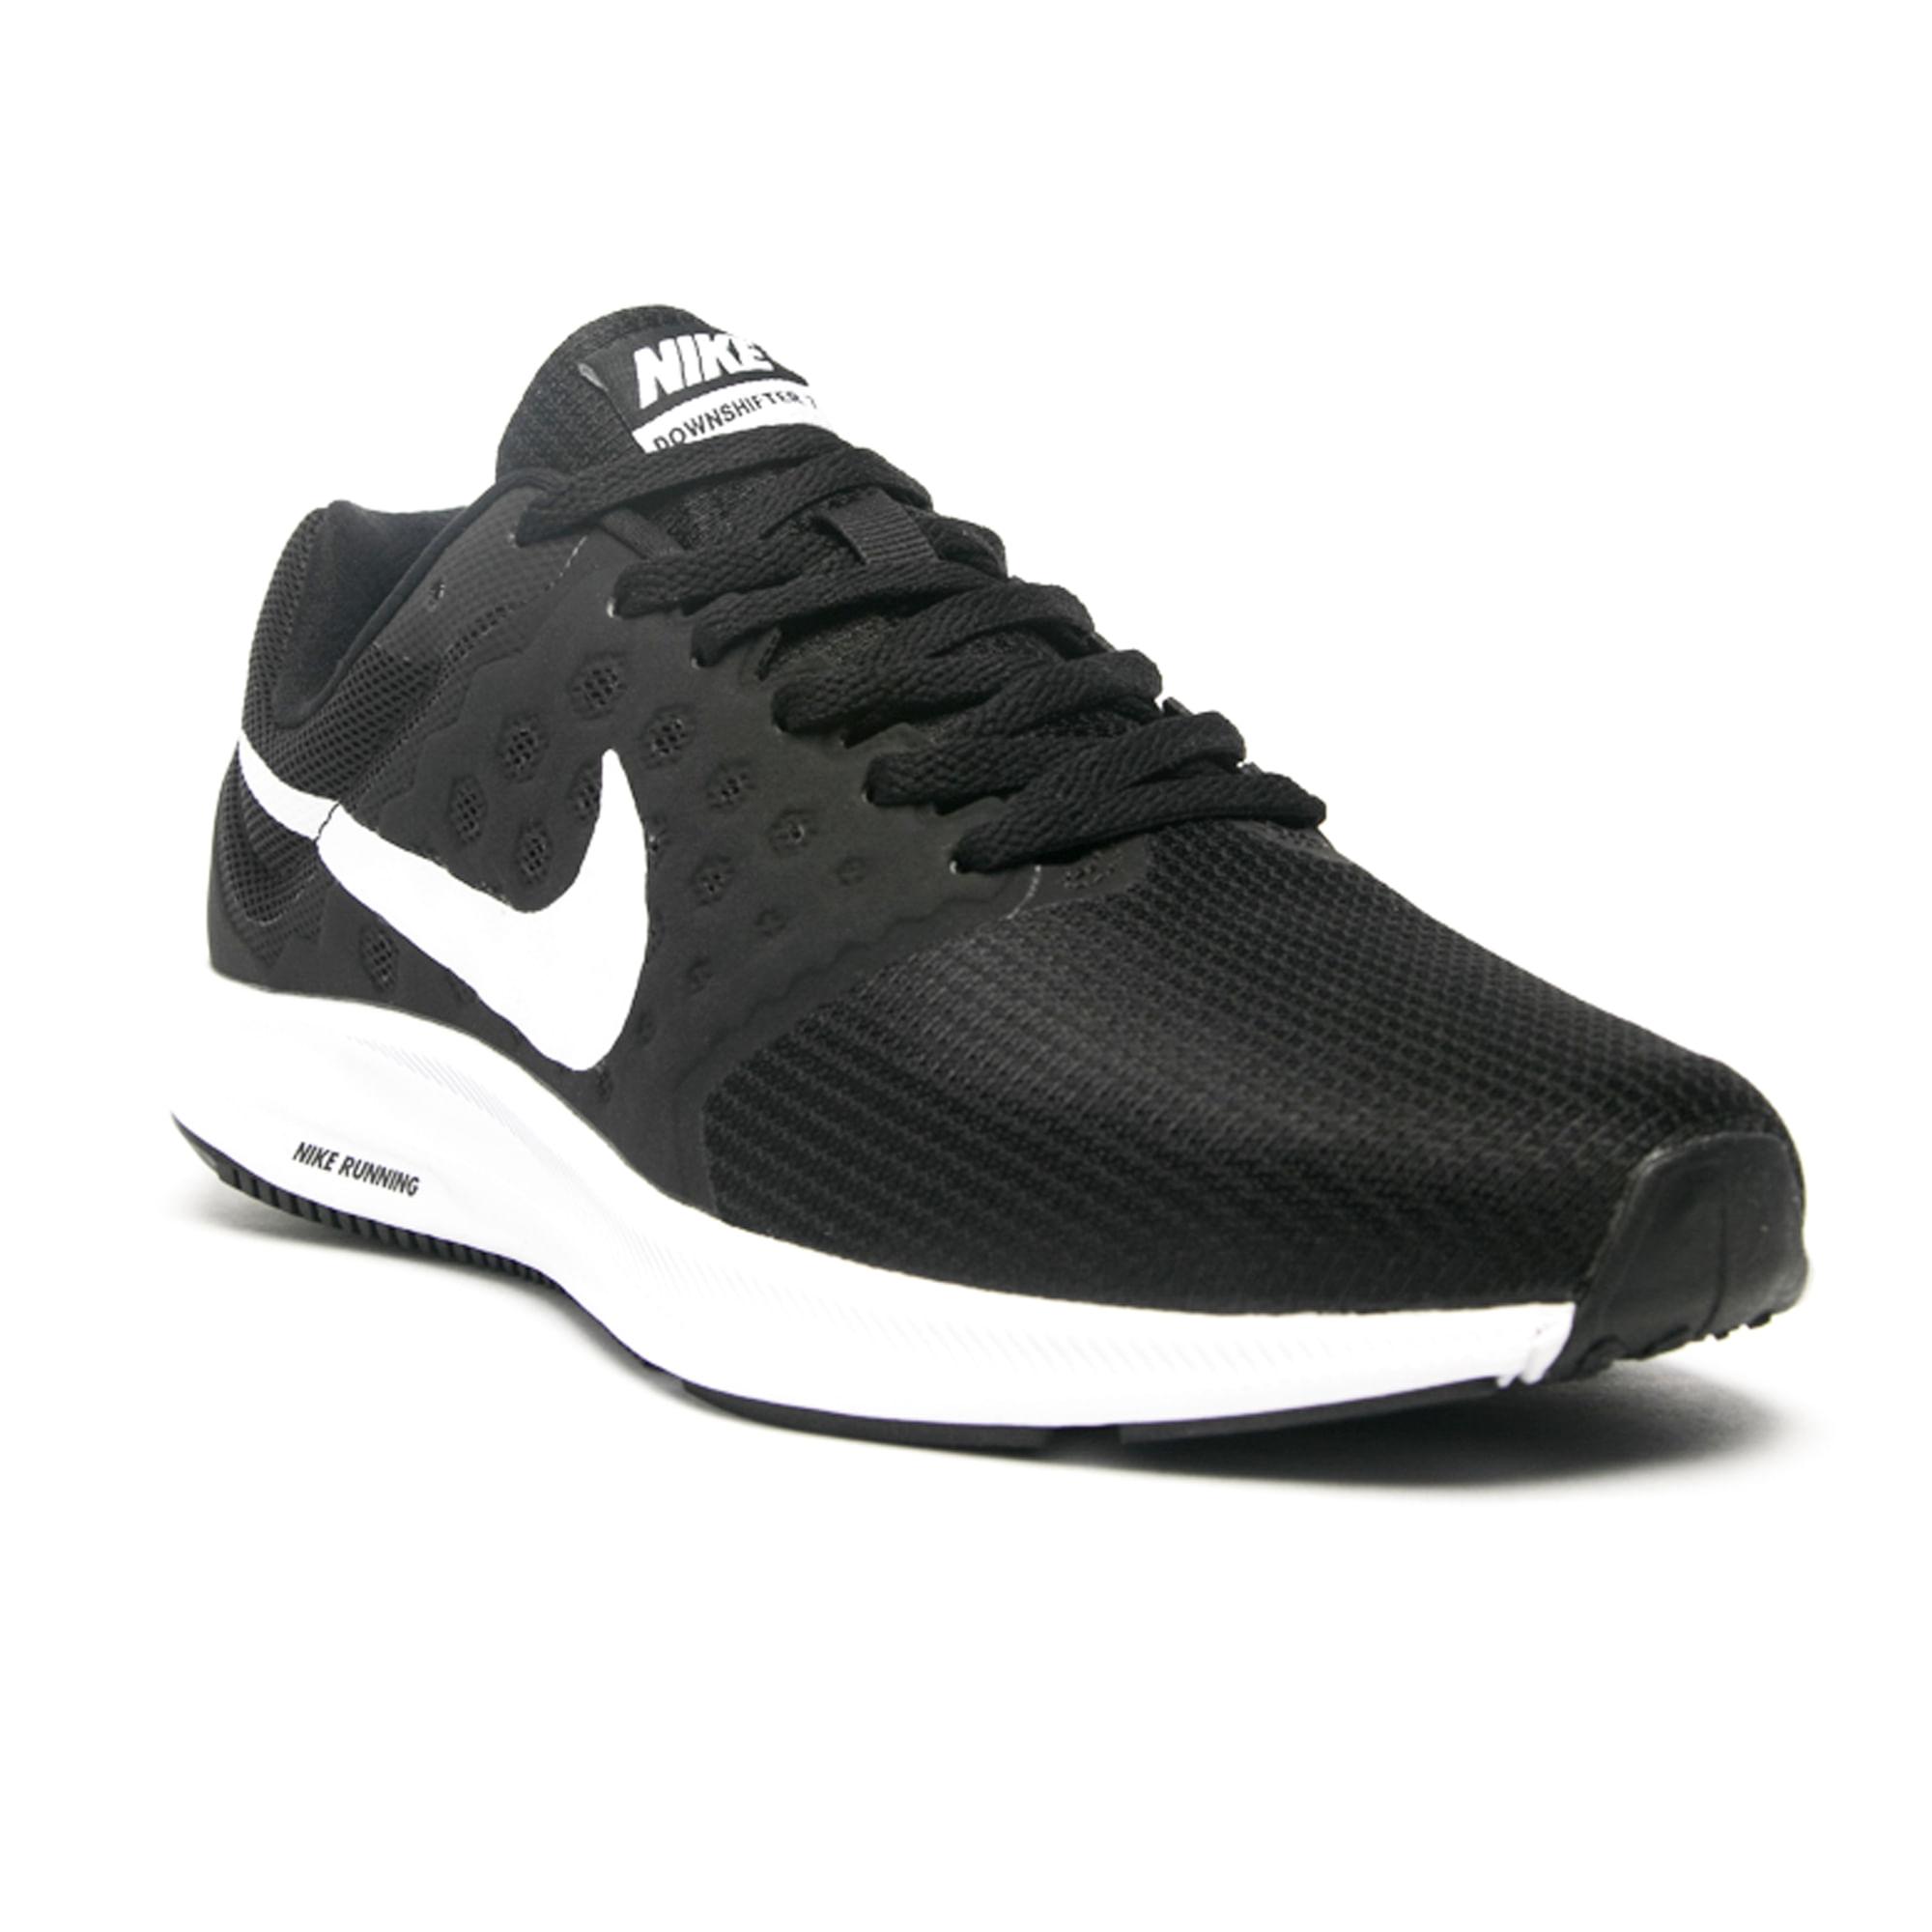 Nike Downshifter 7 29.5 HbPBfy0Z6X